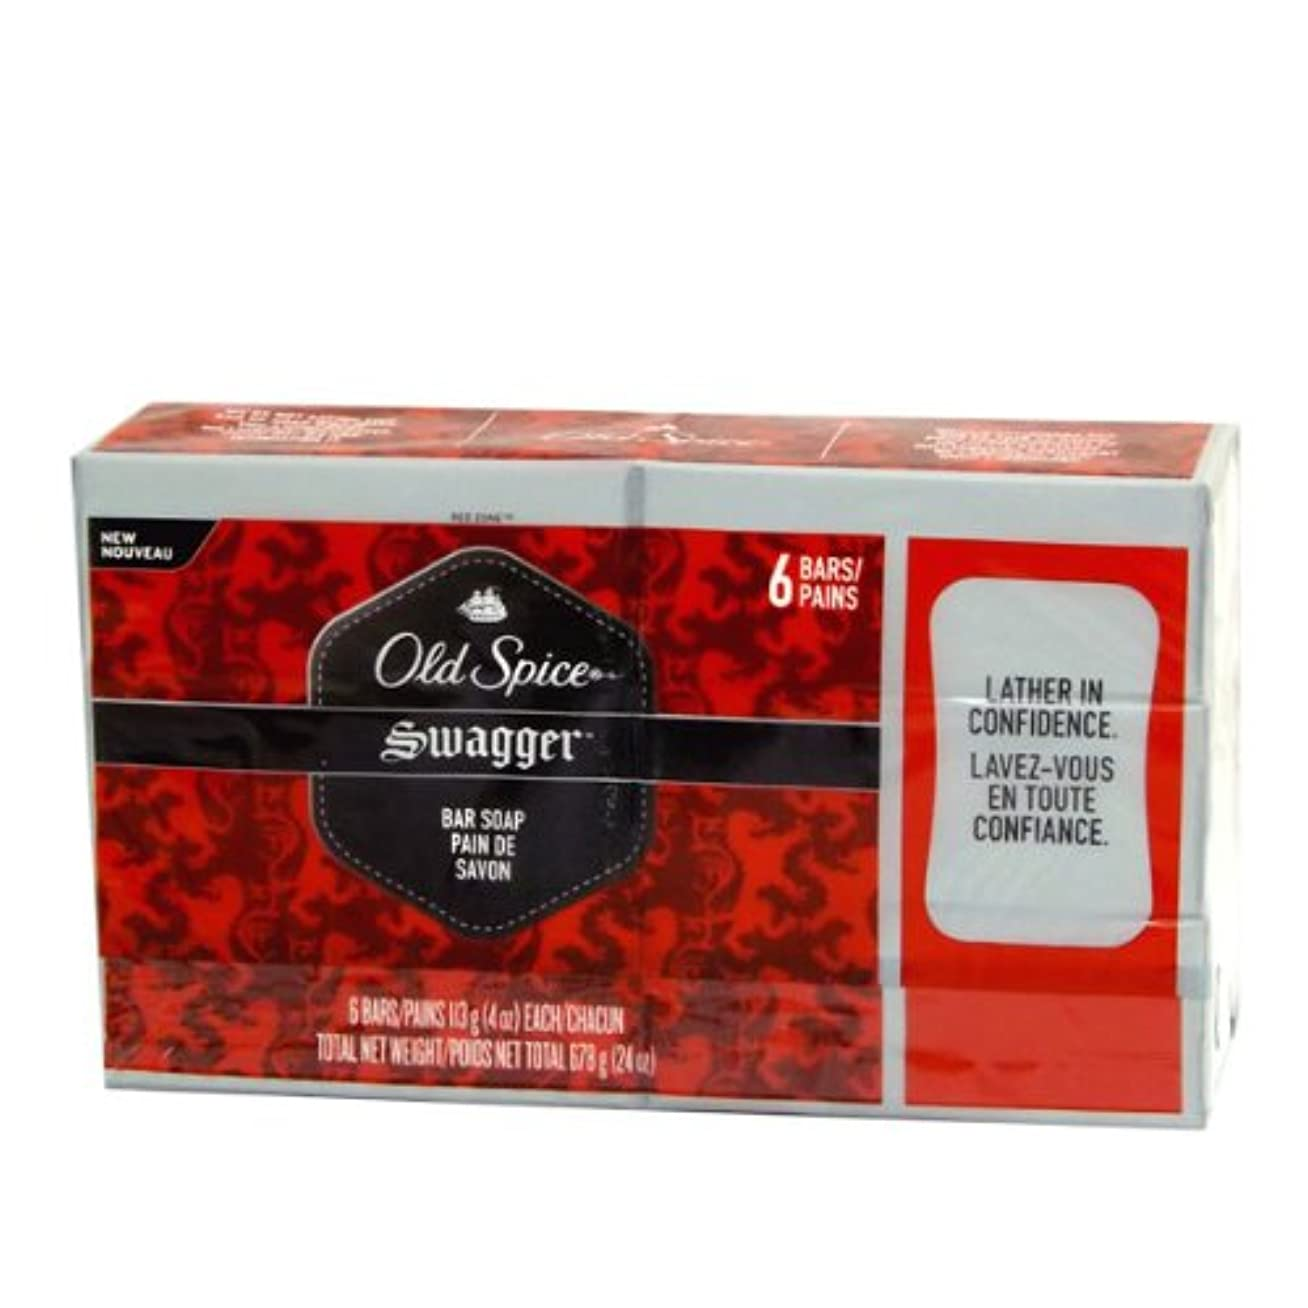 付録聴衆ロードハウスOld spice bar soap swagger オールドスパイス バーソープ スワガー (石鹸) 6個パック [並行輸入品]